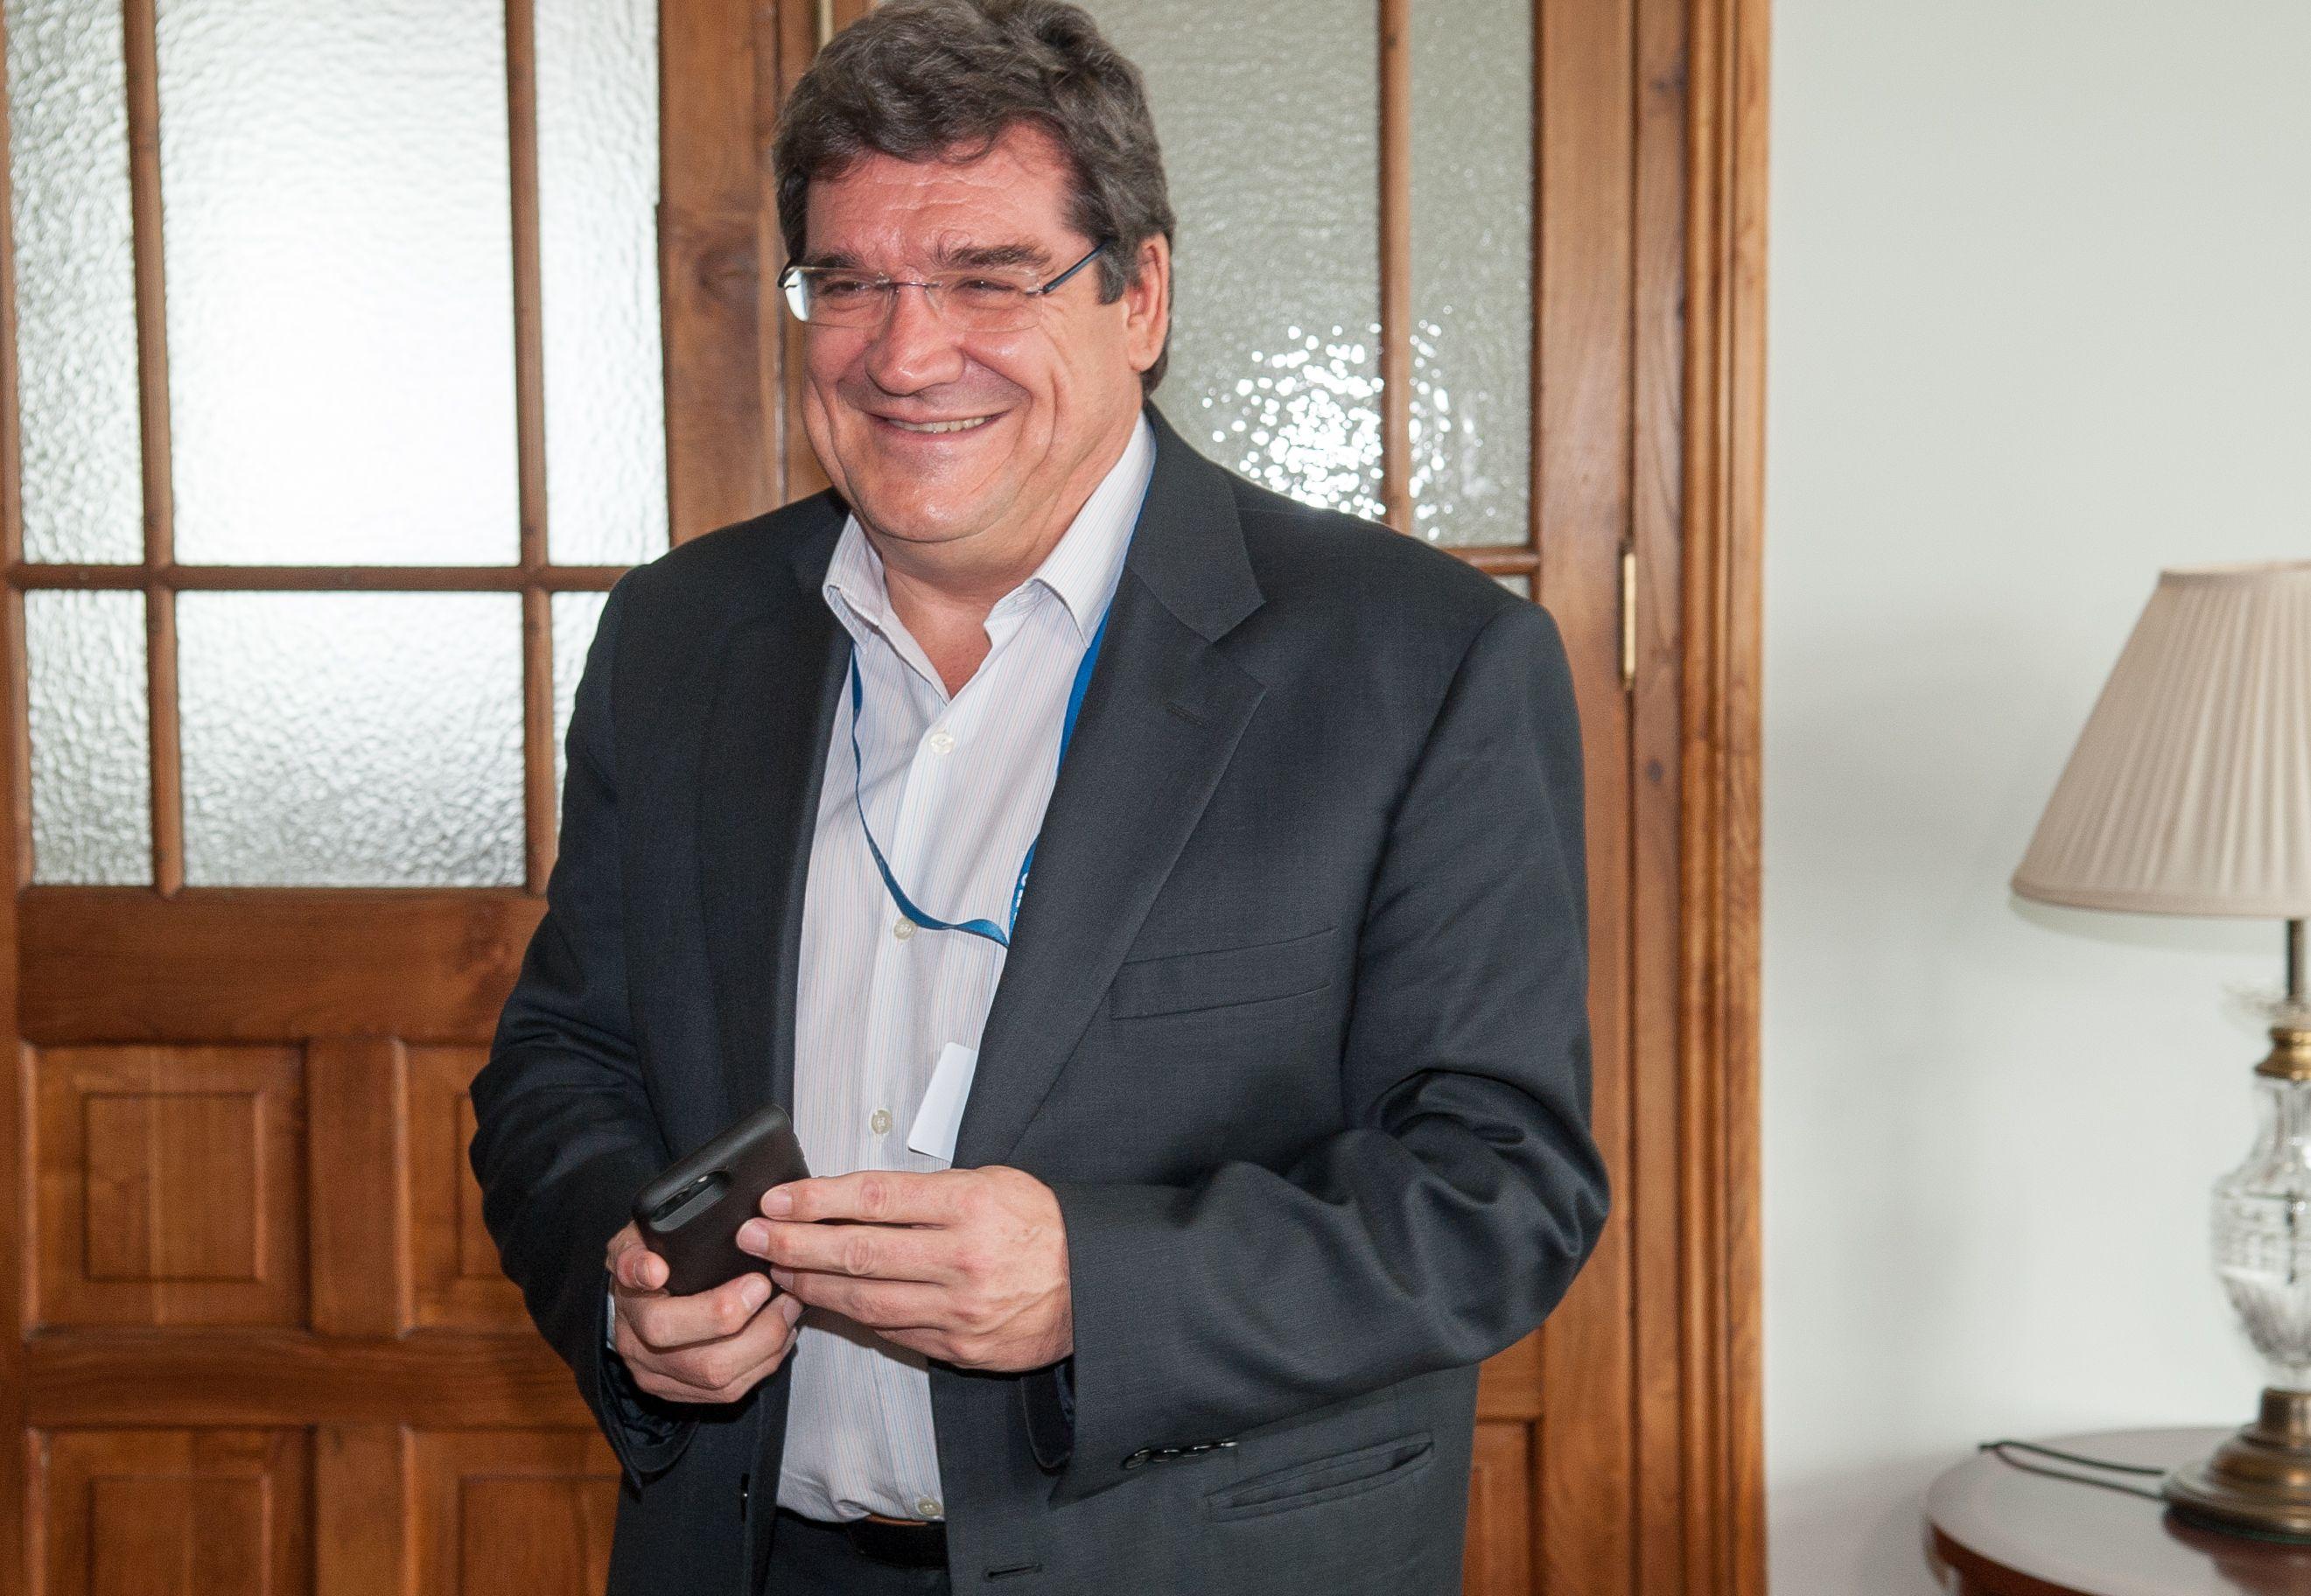 Jose Luis Escrivá, presidente de la Autoridad Independiente de Responsabilidad Fiscal (AireF) durante su intervención en el Curso de Economía de la APIE en la Universidad Menéndez Pelayo de Santander.